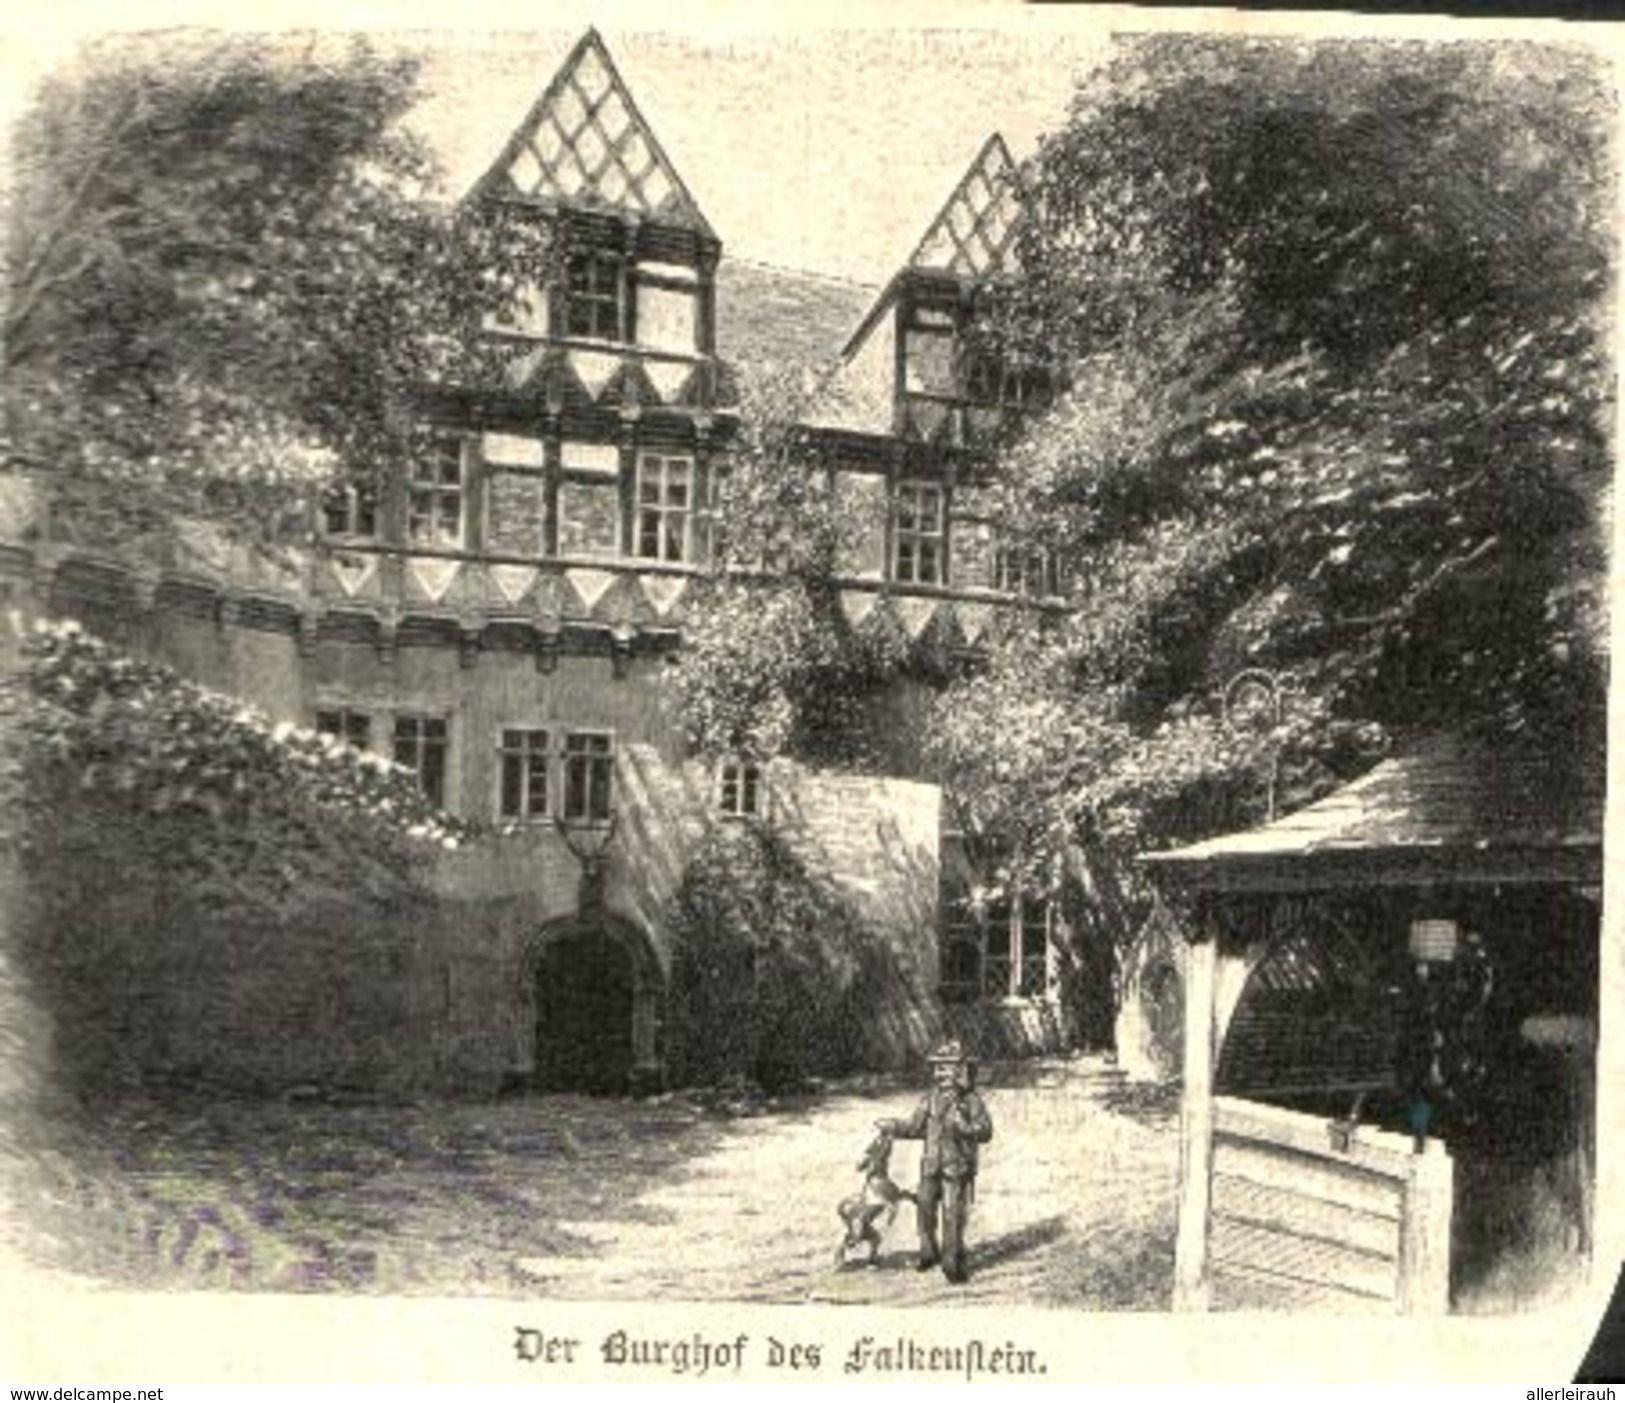 Der Burghof Des Falkenstein Druck Entnommen Aus Zeitschrift 1896 Zu Verkaufen Auf Delcampe Beruhmte Gebaude Burg Zeitschriften